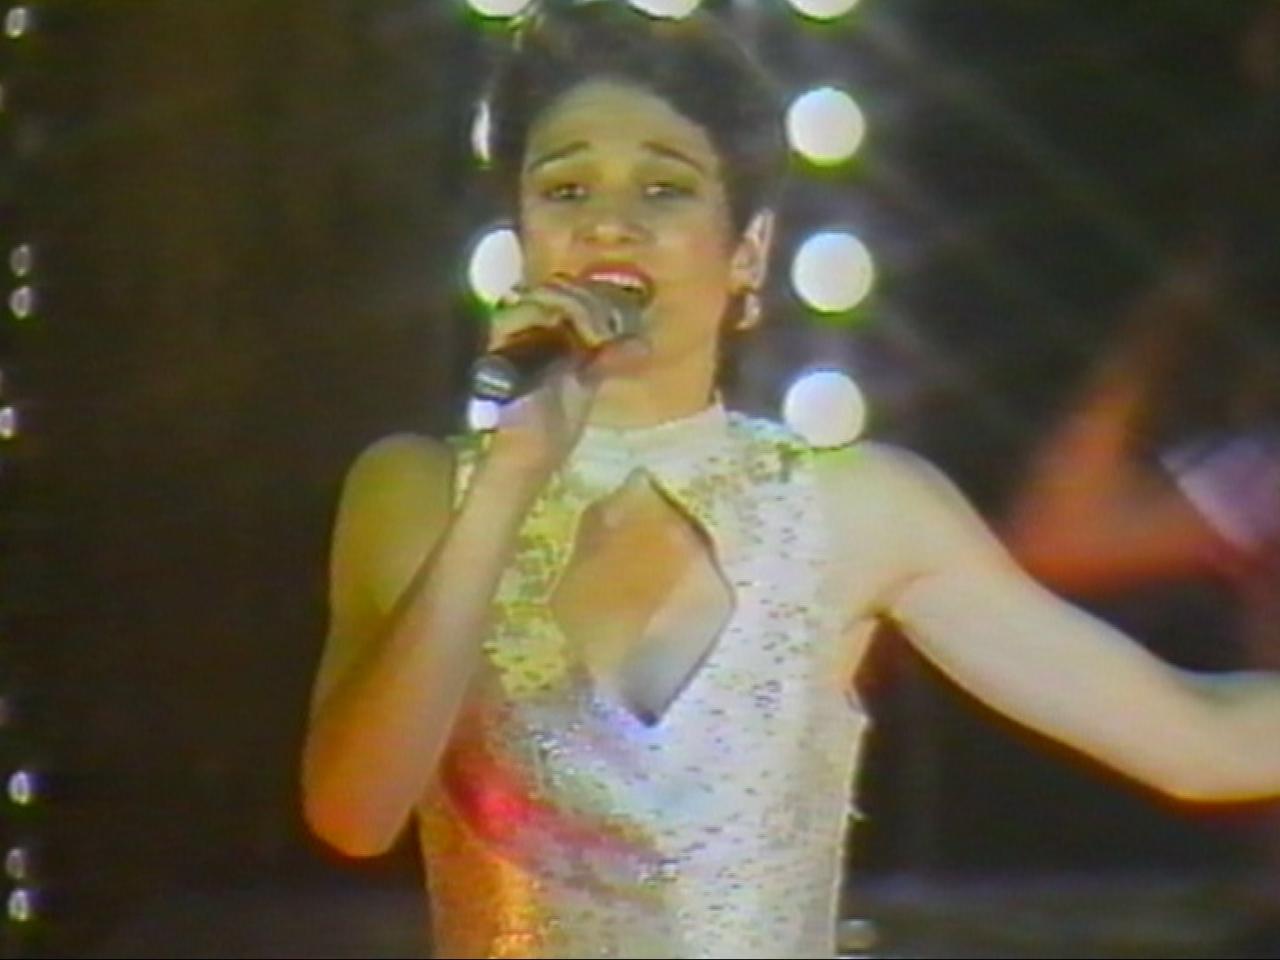 Amara 1995 - Premiul 1 - Adela Dumitrache.jpg